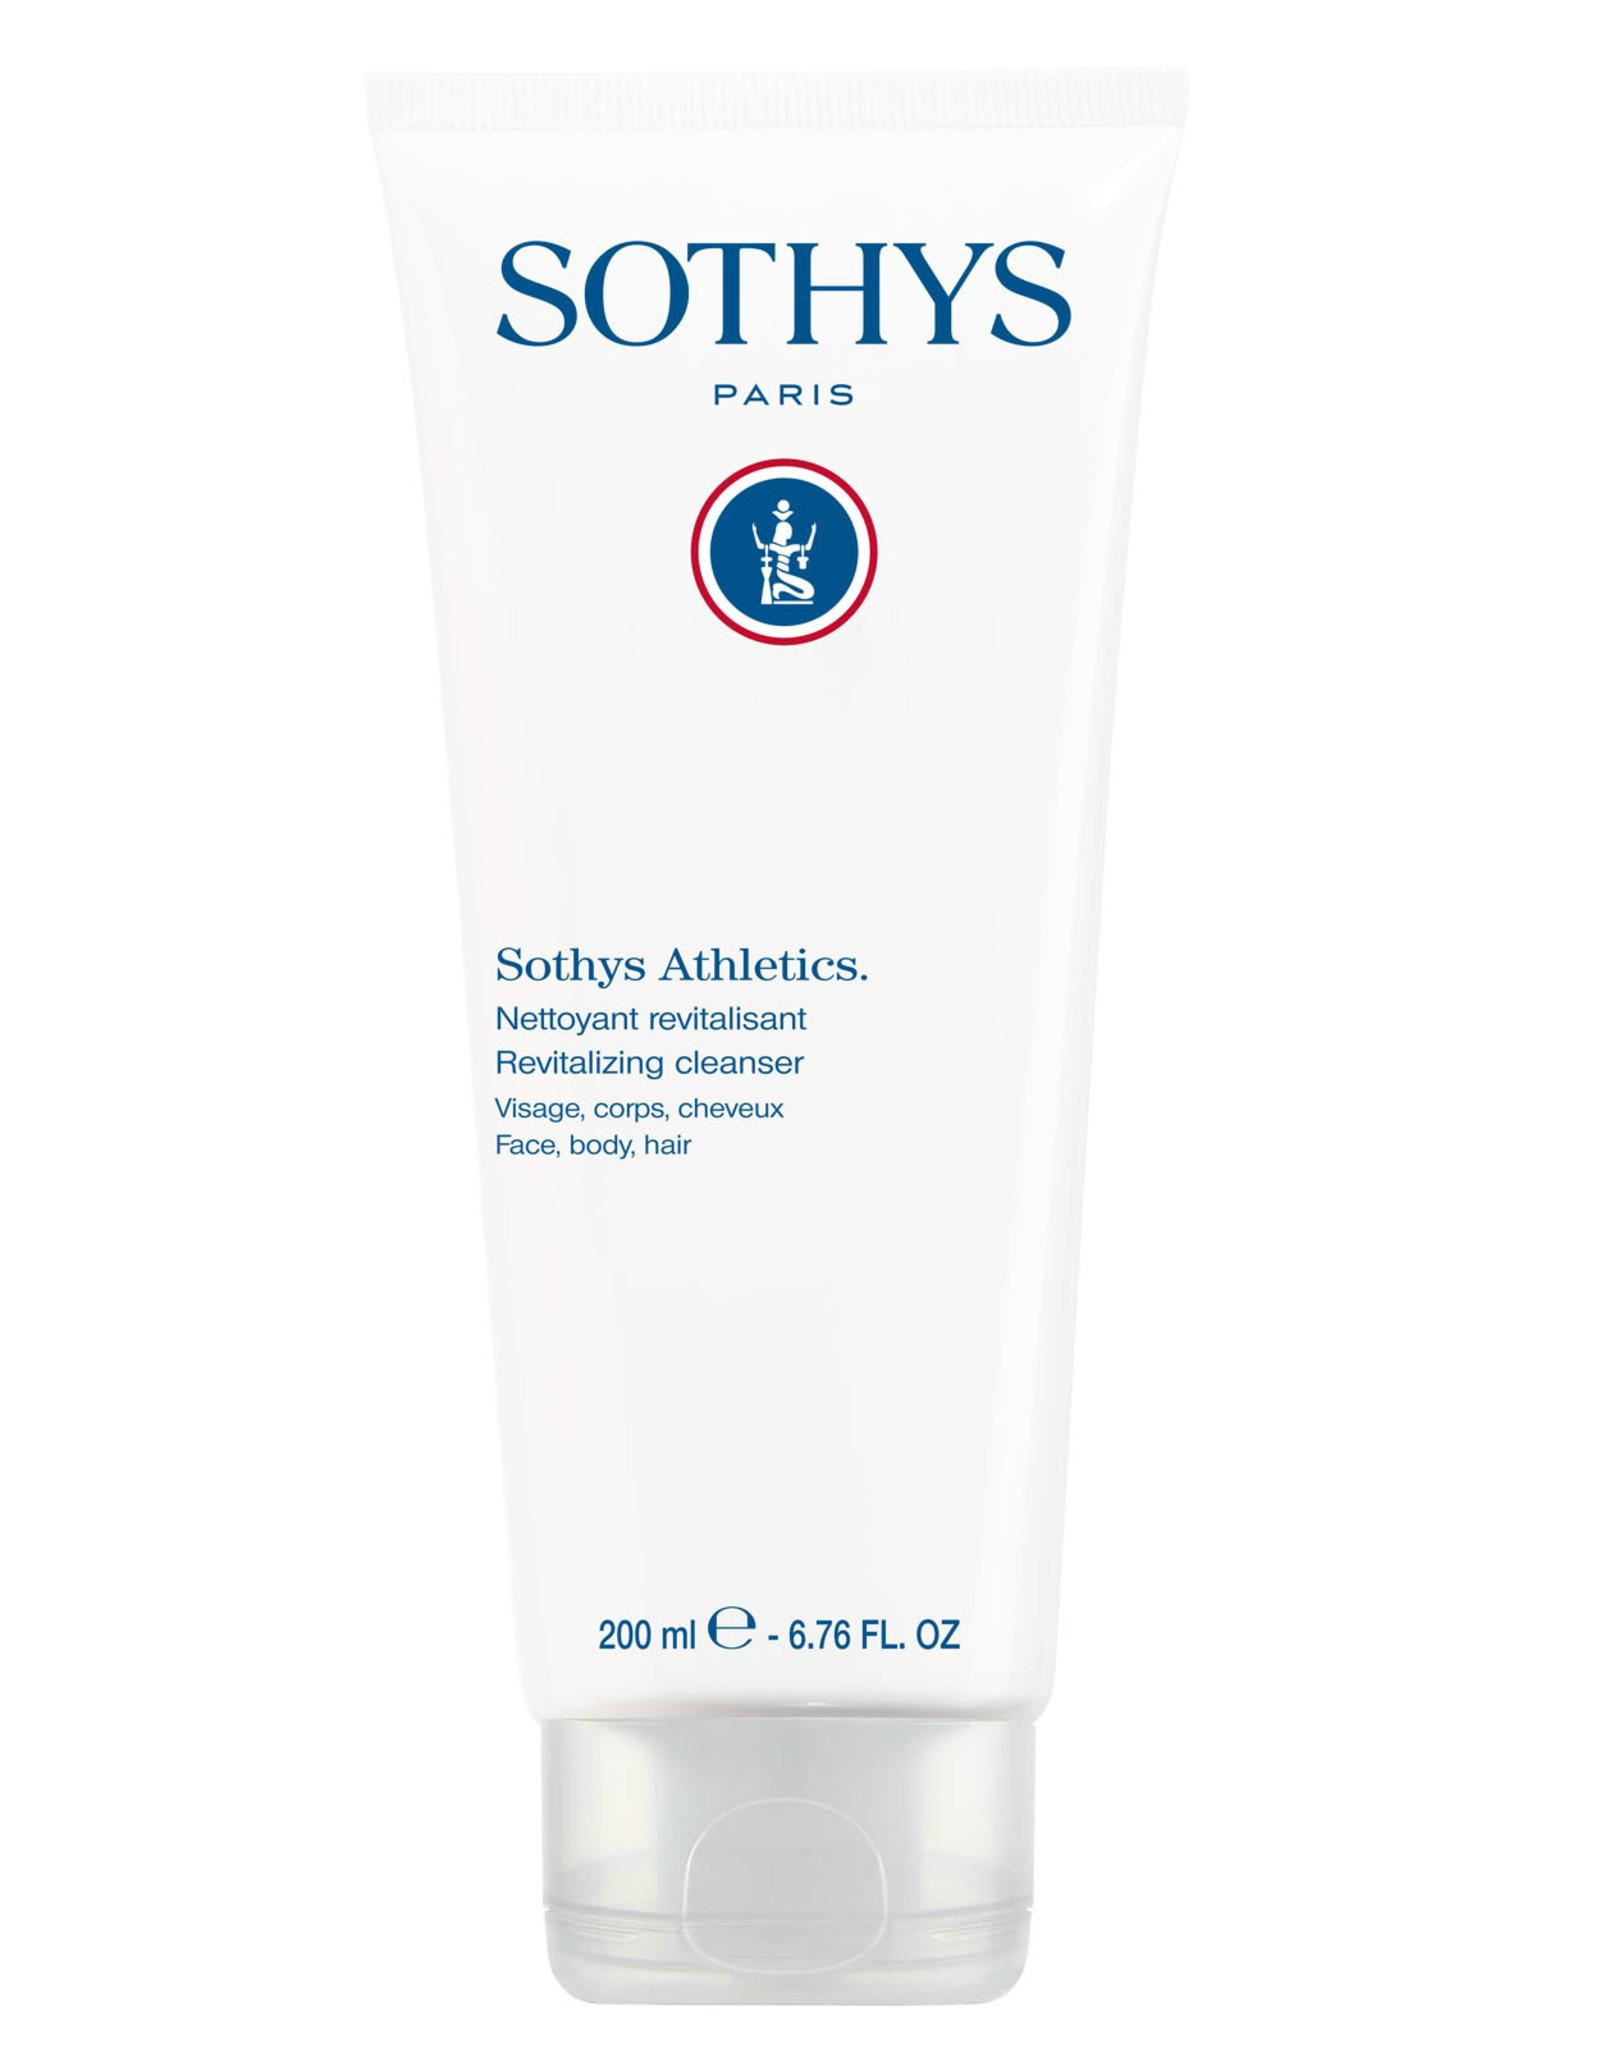 SOTHYS Nettoyant revitalisant - Erfrischende Reinigung für Gesicht, Körper und Haare